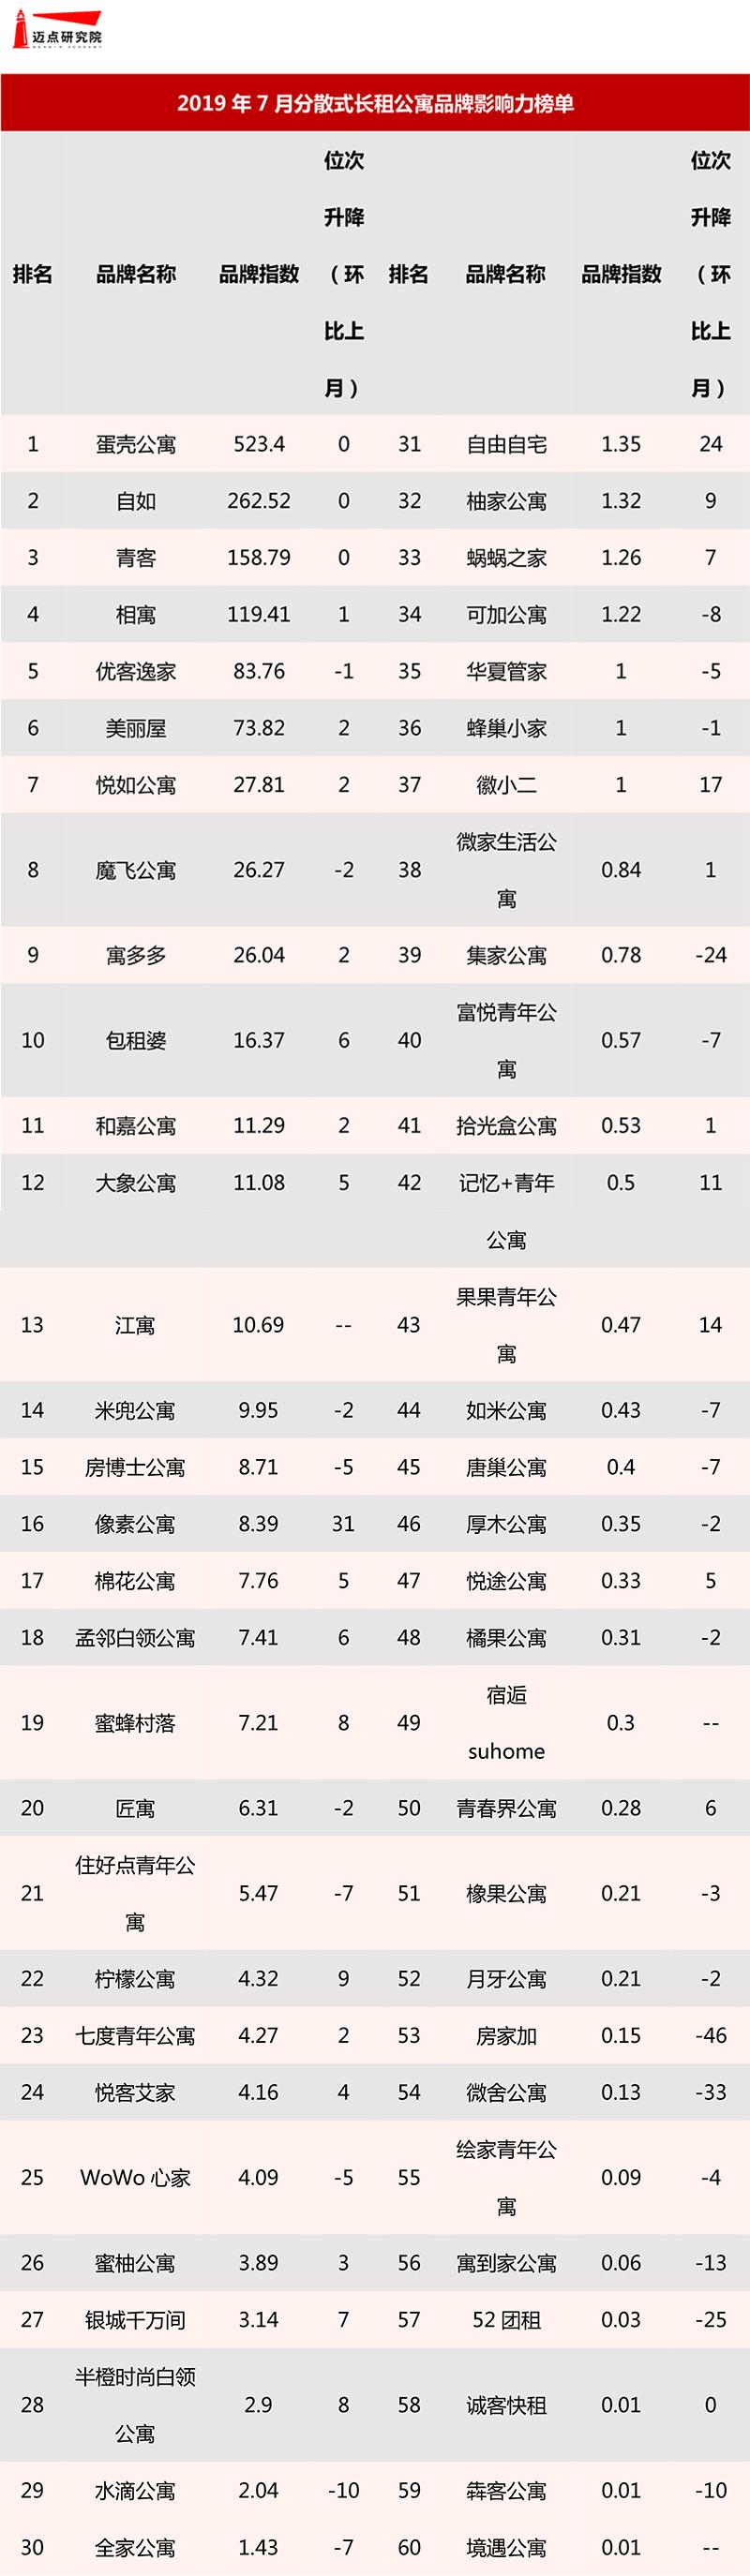 2019年7月分散式长租公寓品牌影响力榜单-5.jpg